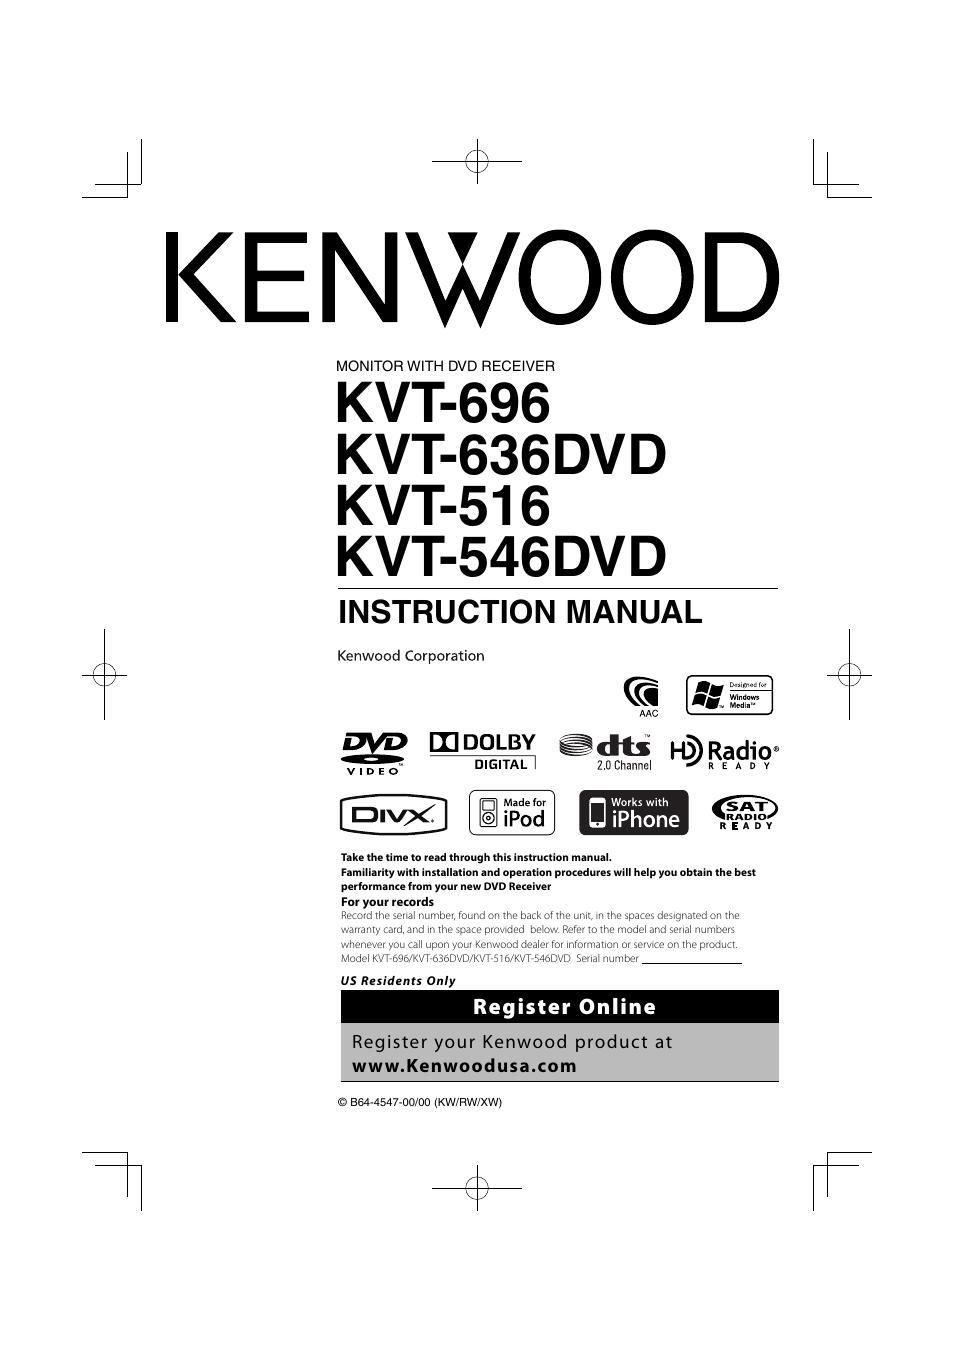 kenwood kvt